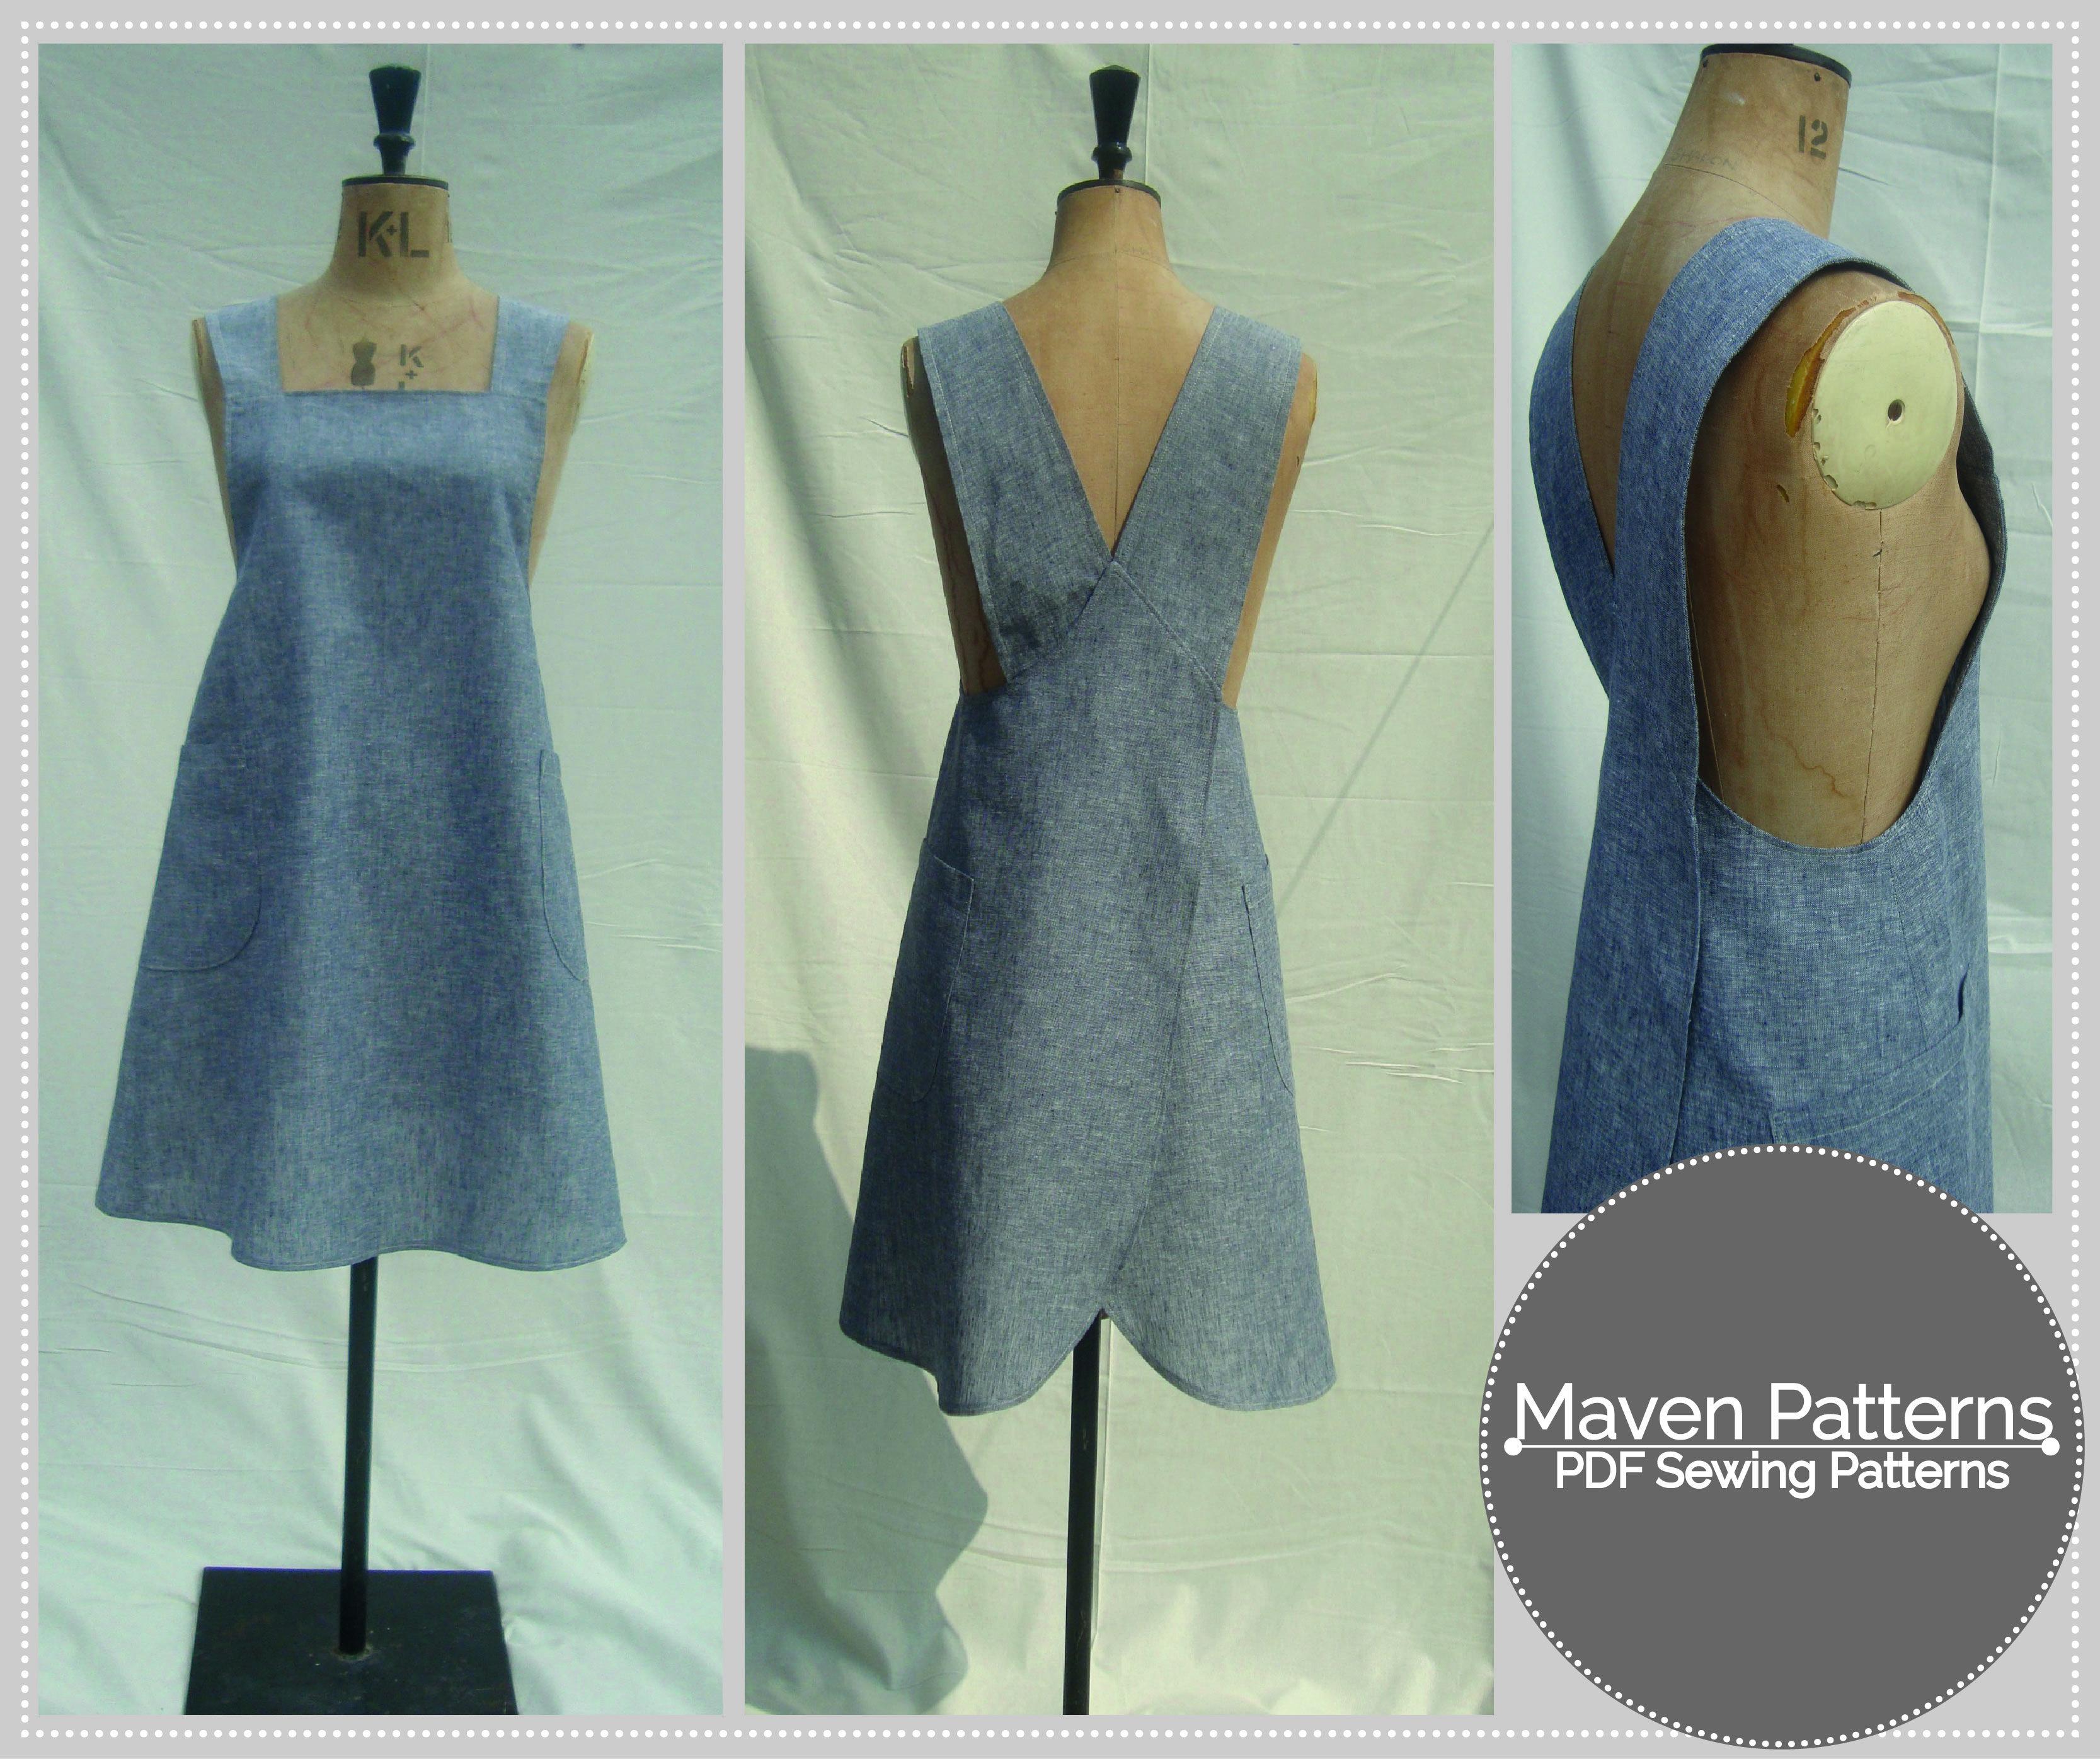 The Maria Wrap Apron by Maven Patterns   Nähen, Nähideen und Kleidung